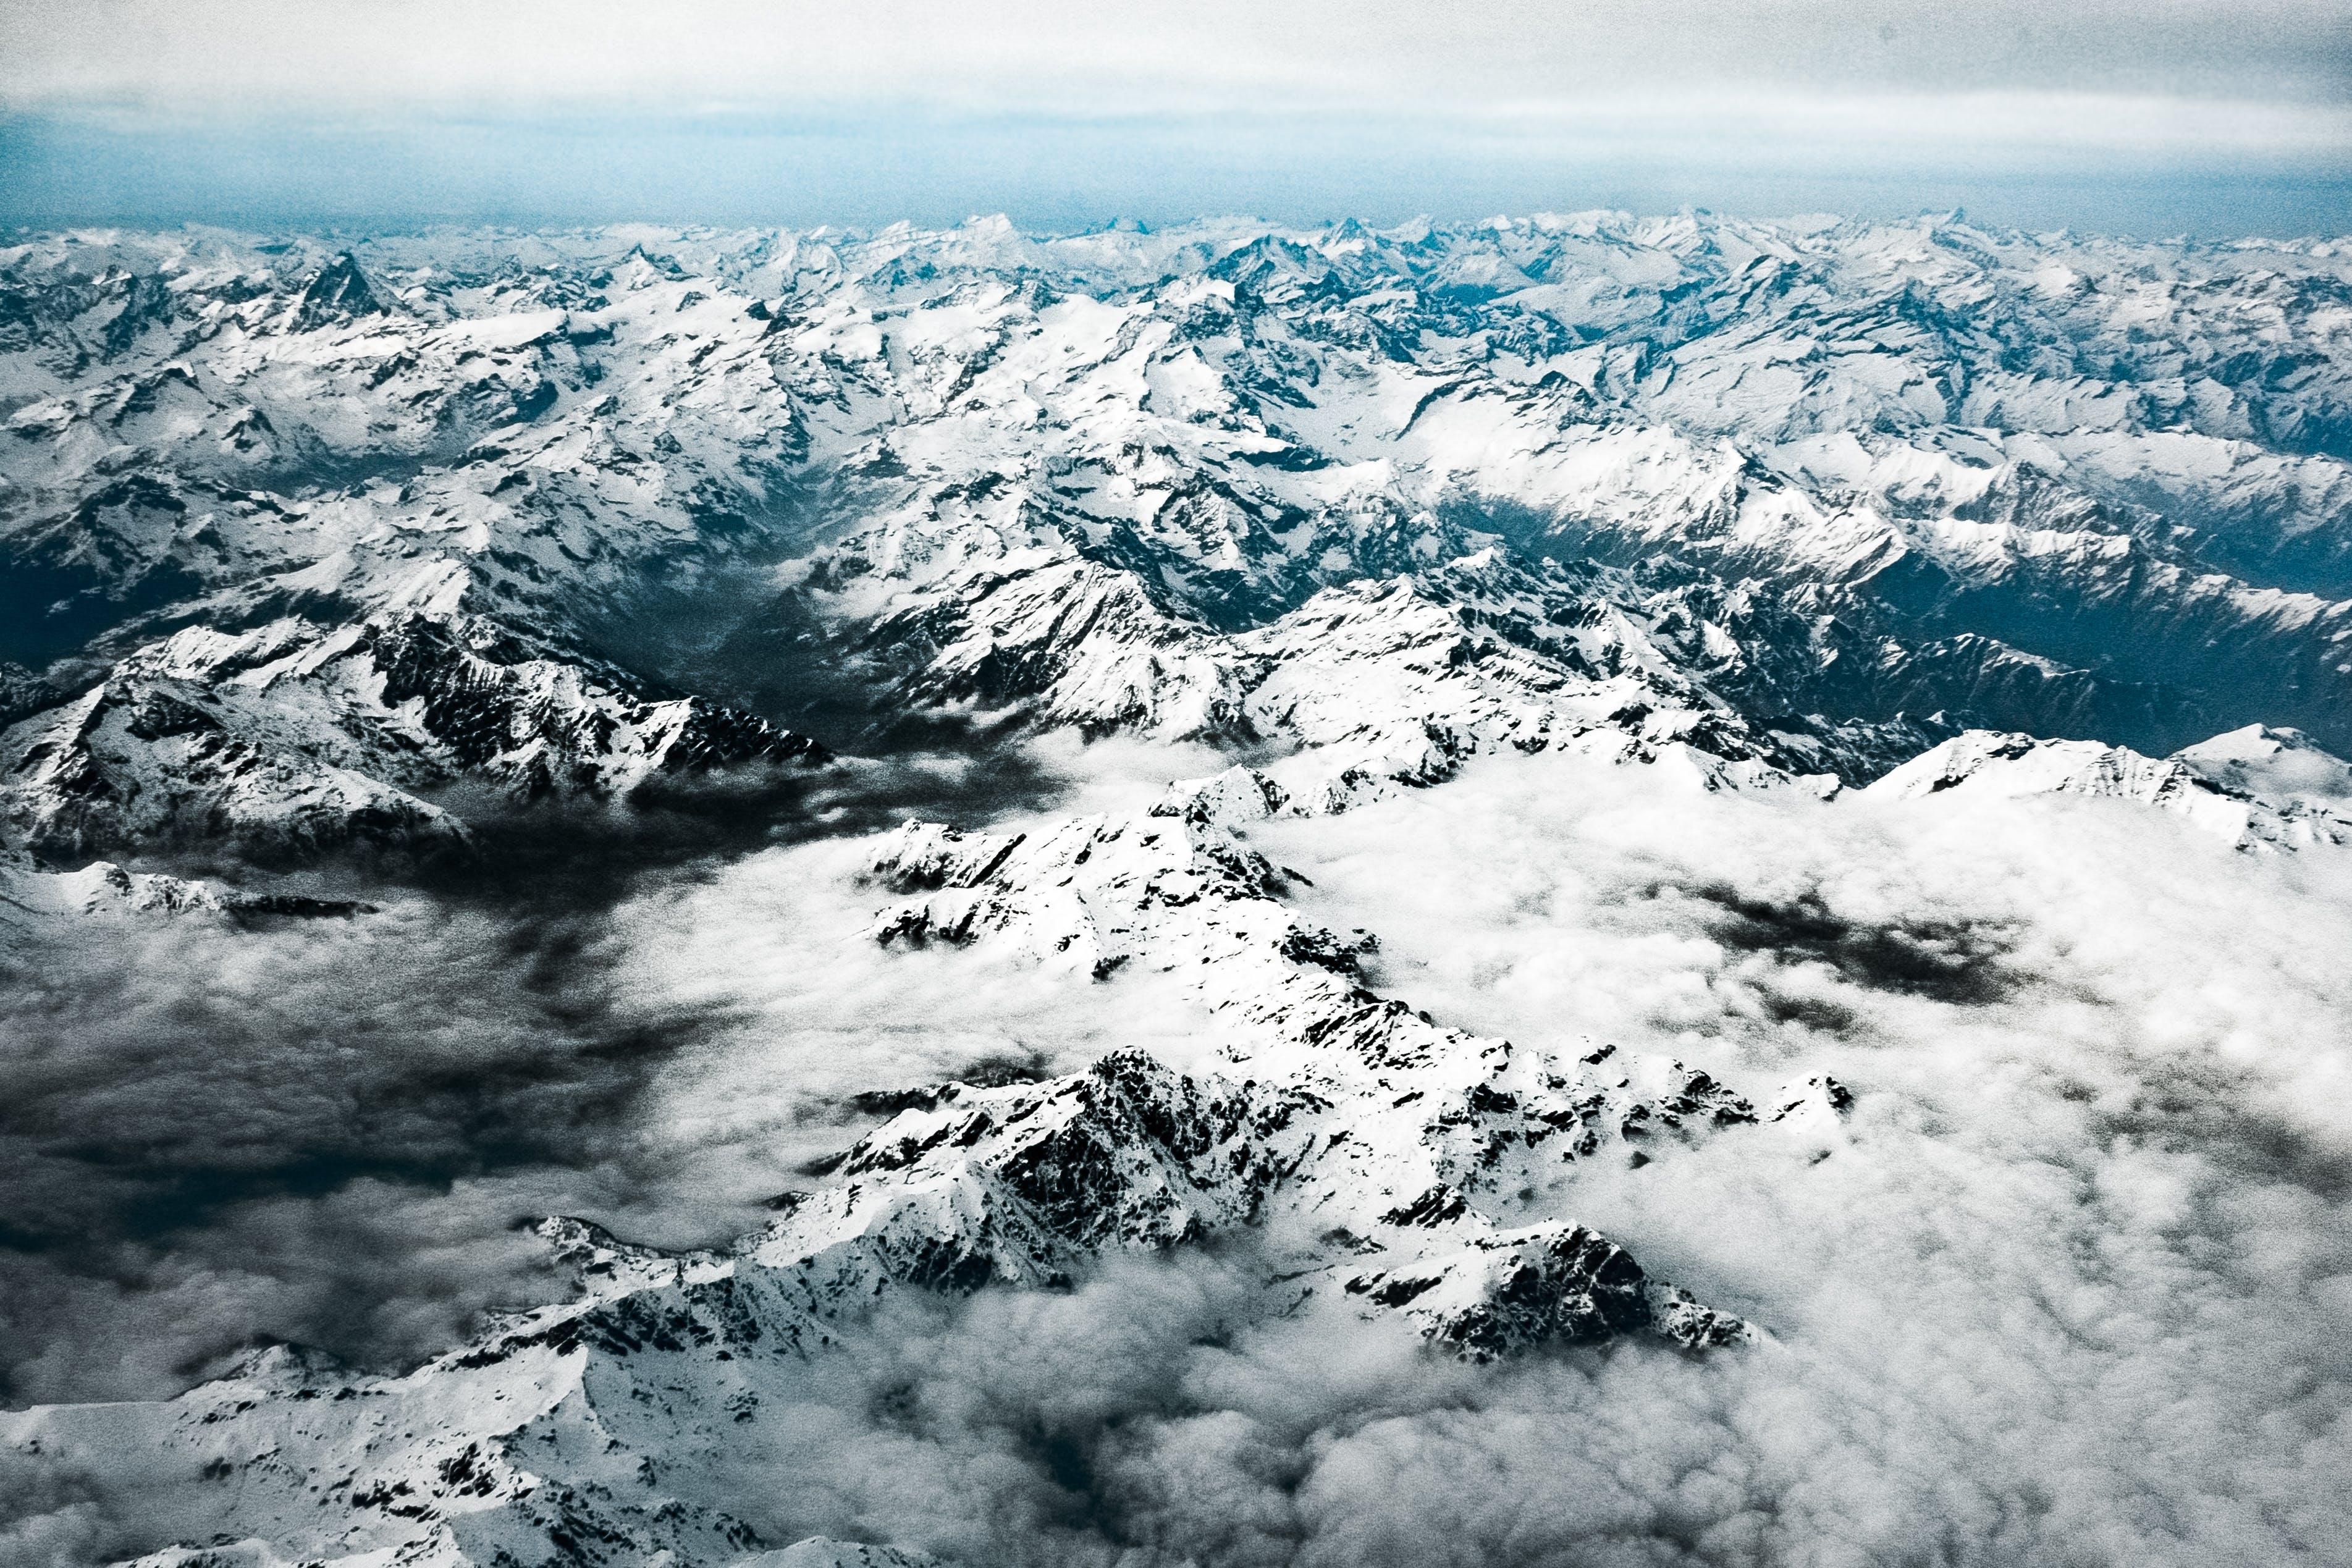 Fotos de stock gratuitas de Alpes, altitud, alto, amanecer